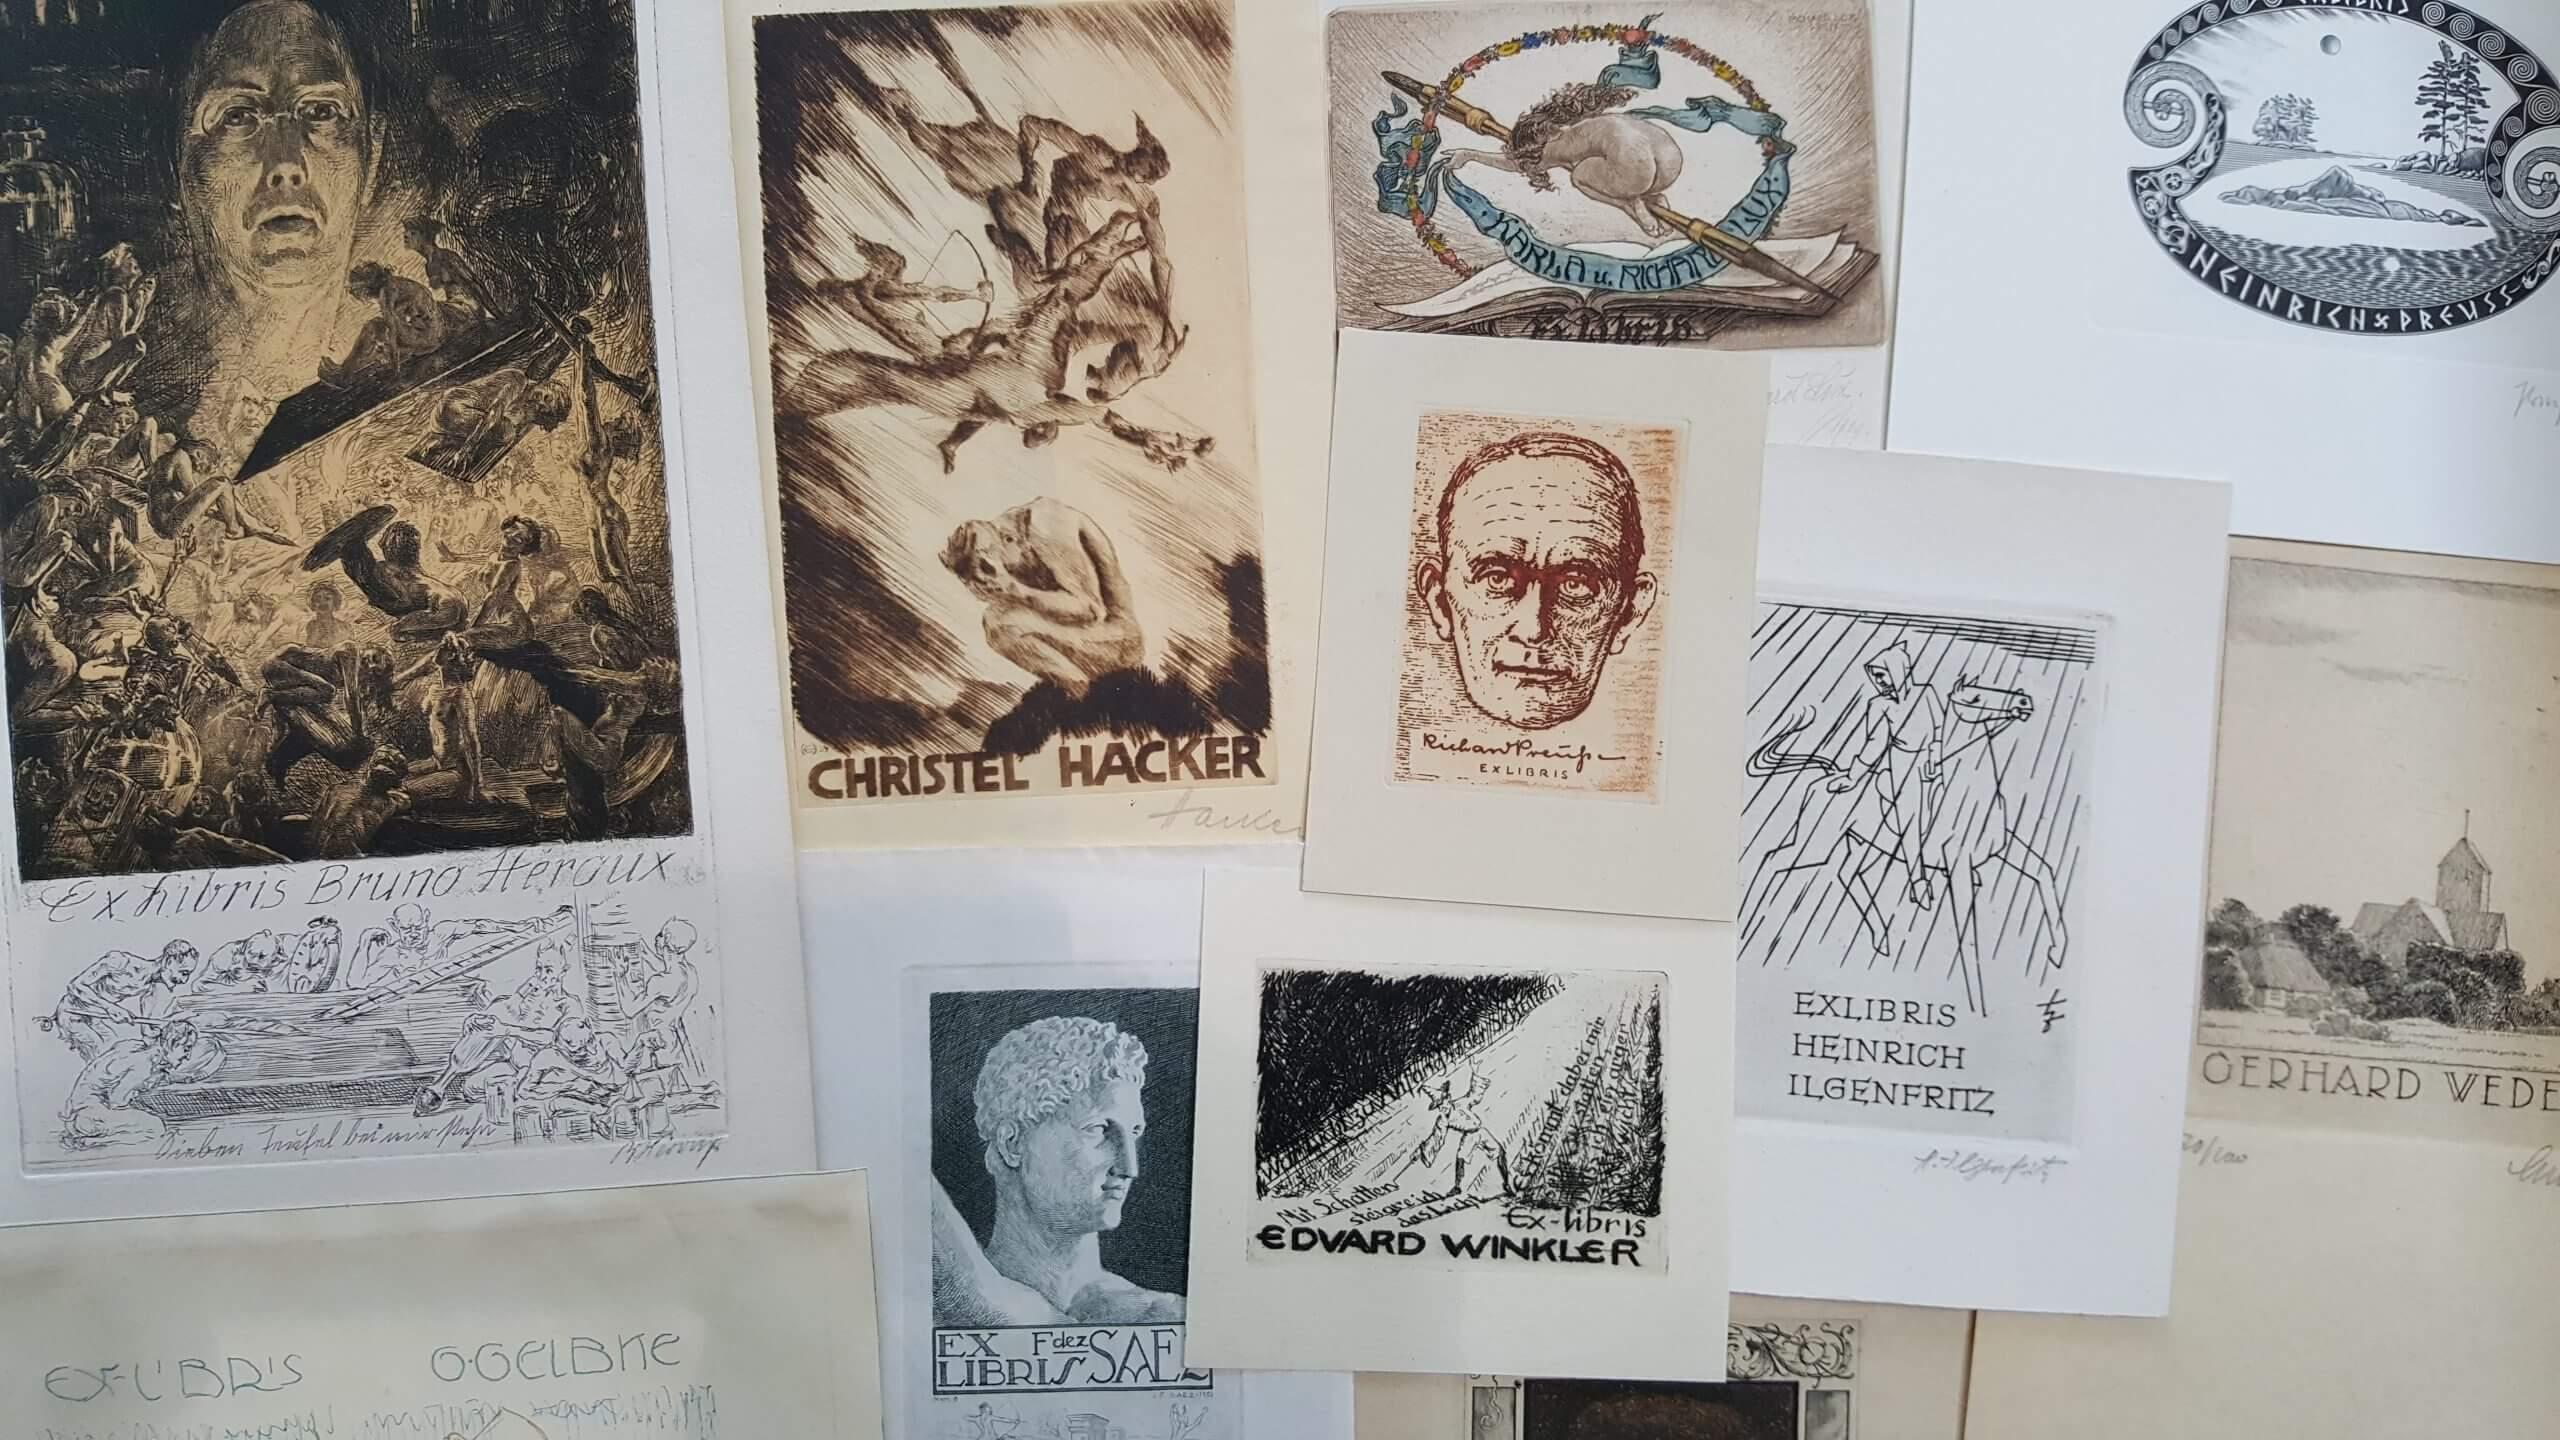 Website Bild Künstler+Archiv(e) - Künstler 2 Exlibris-Werklisten